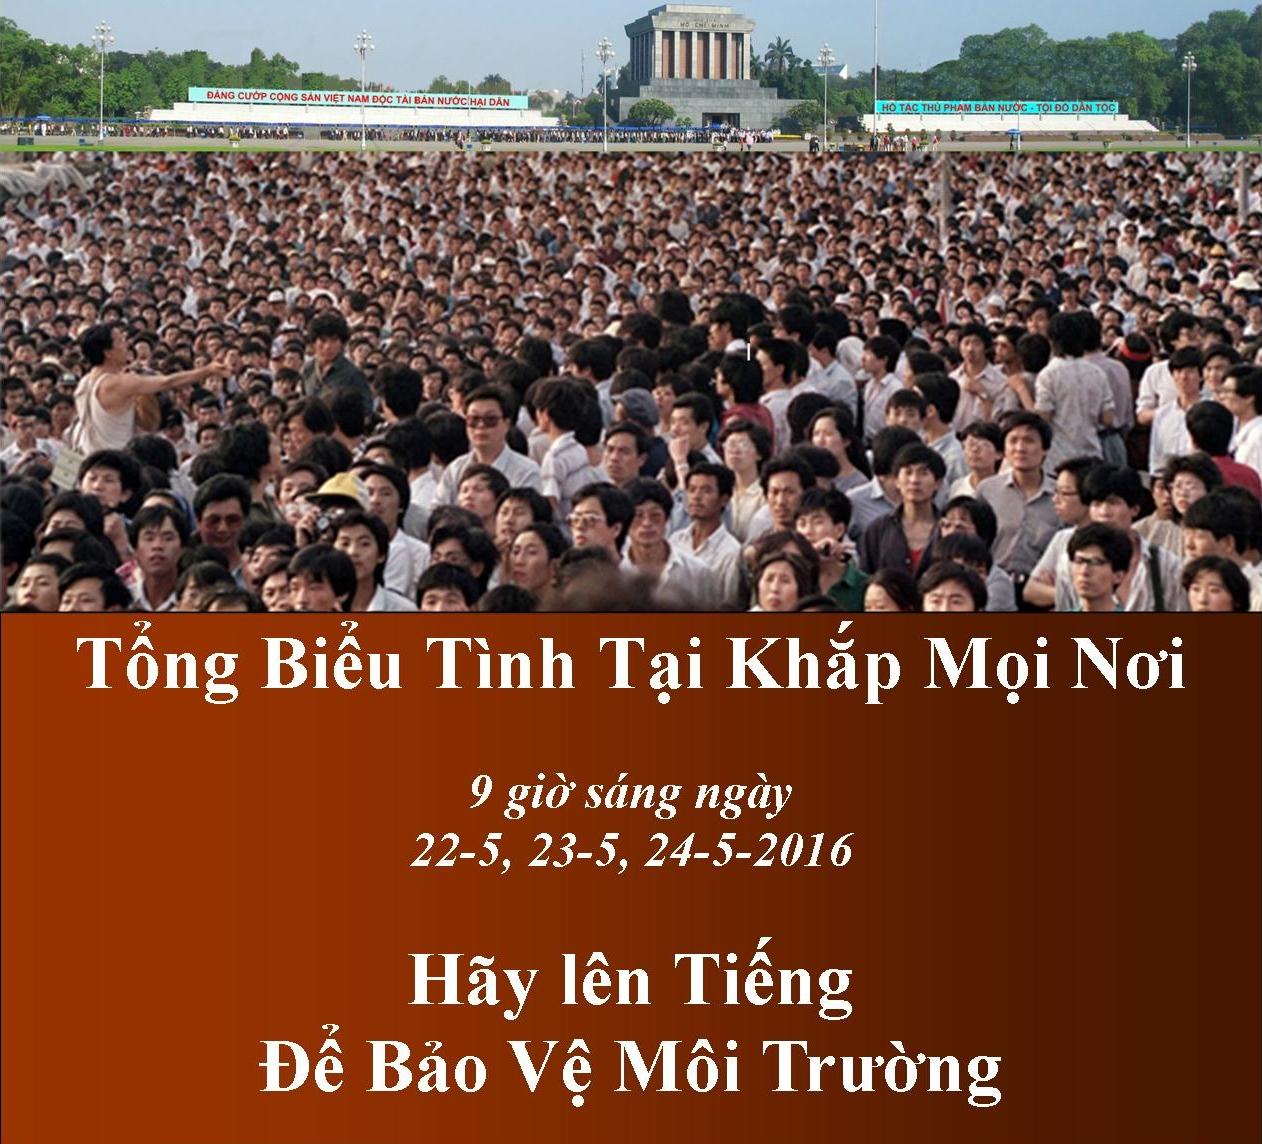 Tong BieuTinh